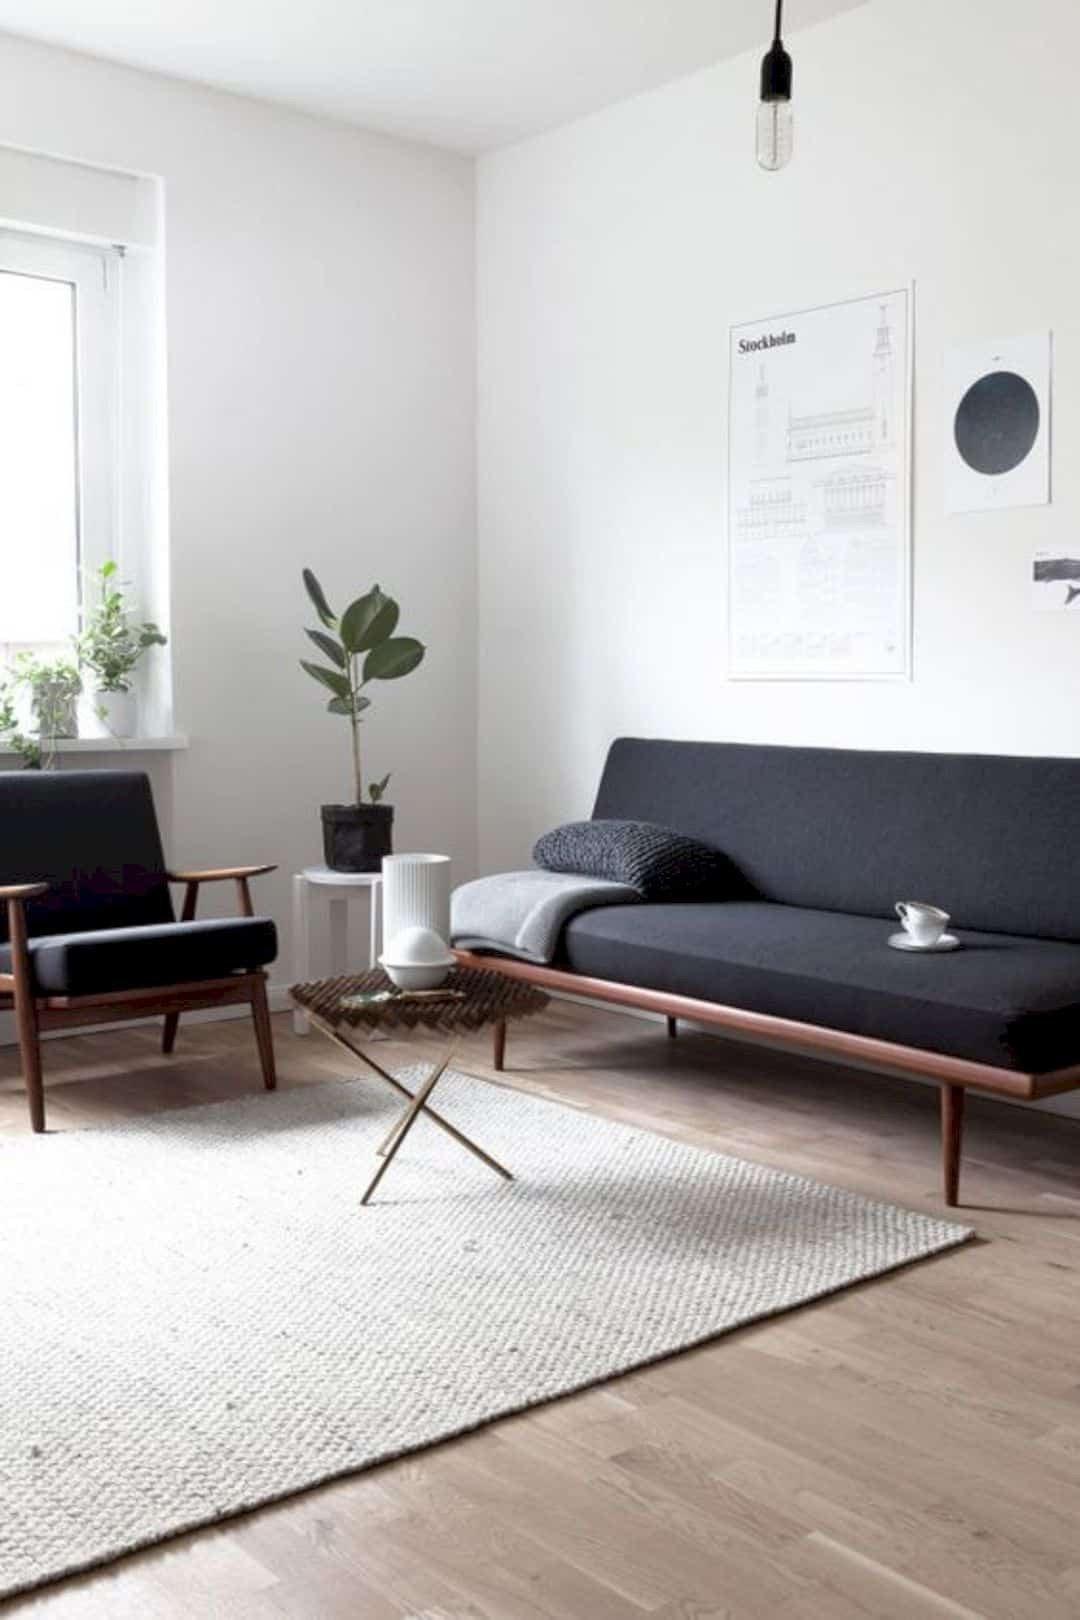 Simple Living Room Decorating Ideas Elegant 16 Simple Interior Design Ideas for Living Room